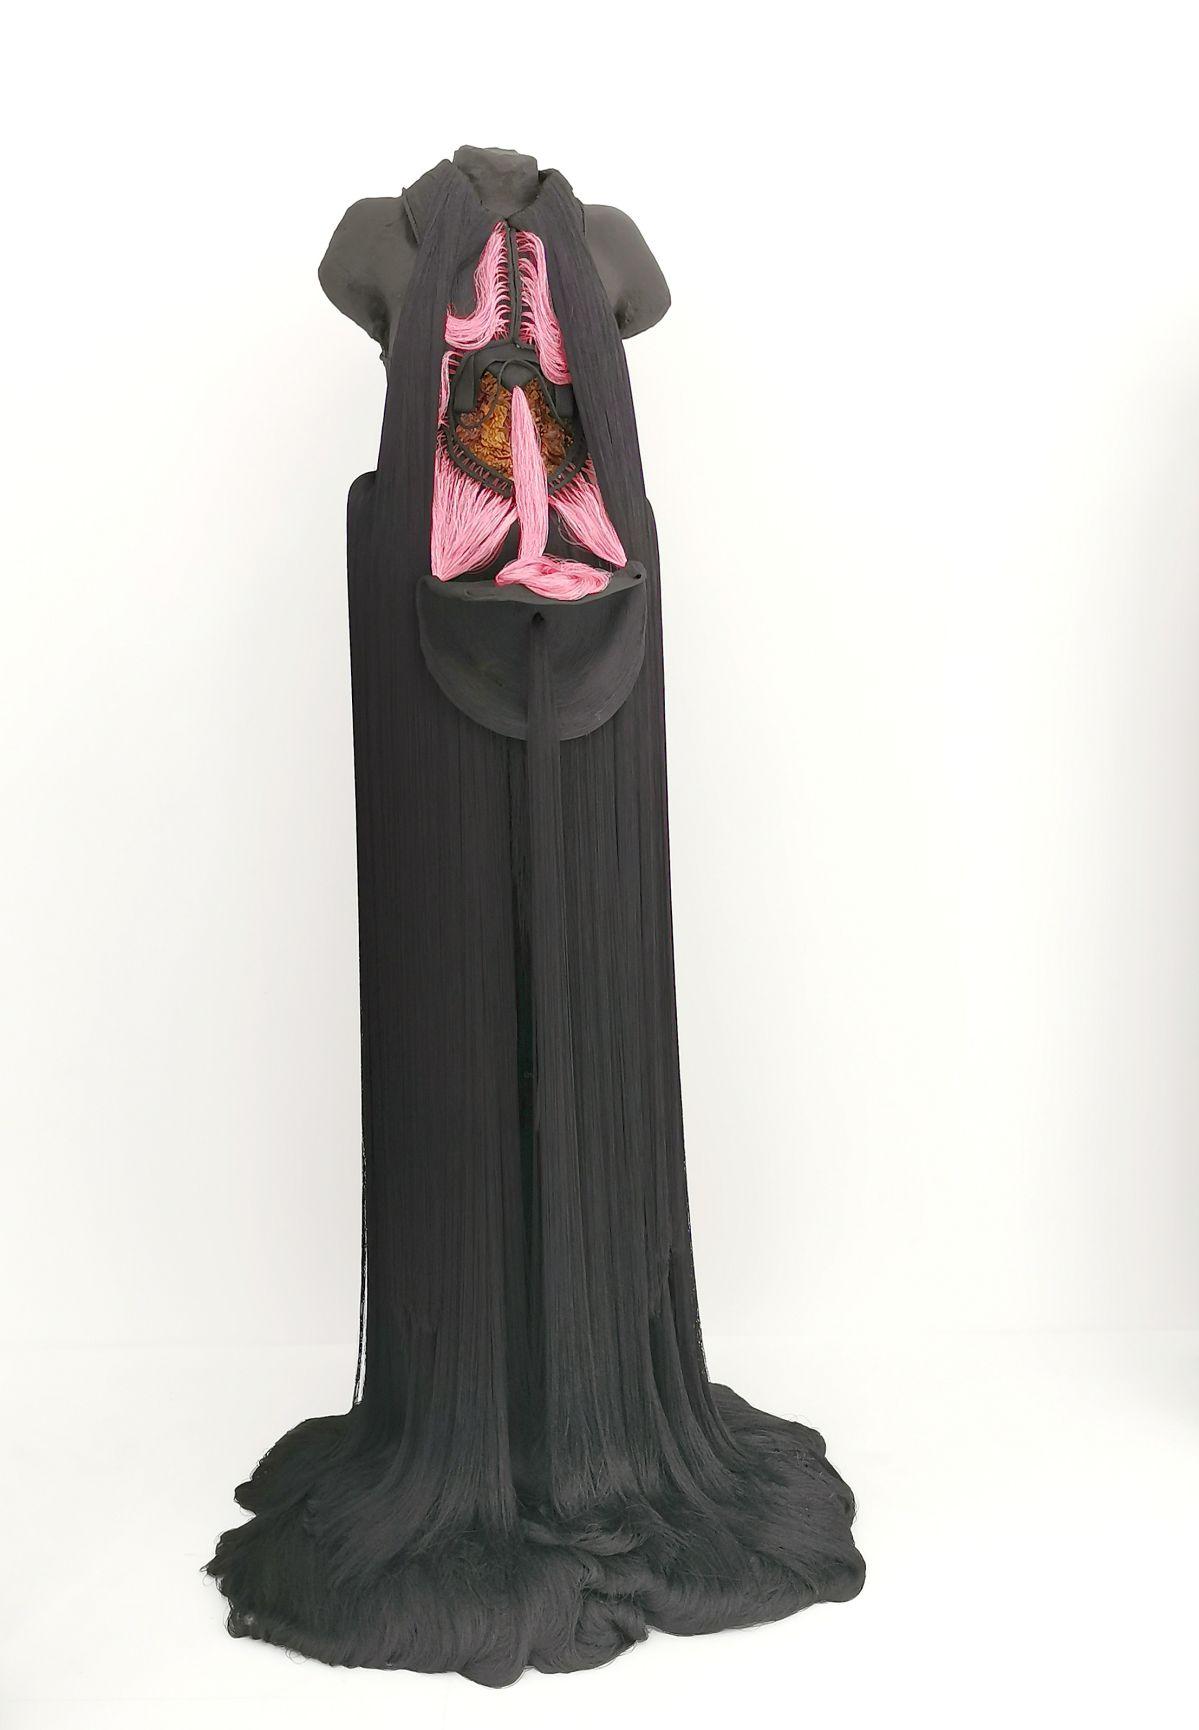 Jeanne Vicerial - Série Les Vénus ouvertes - Venerina numéro 2, 2020 - Des Vies - ¡ Viva Villa ! 2020 - Les vies minuscules à la Collection Lambert, Avignon